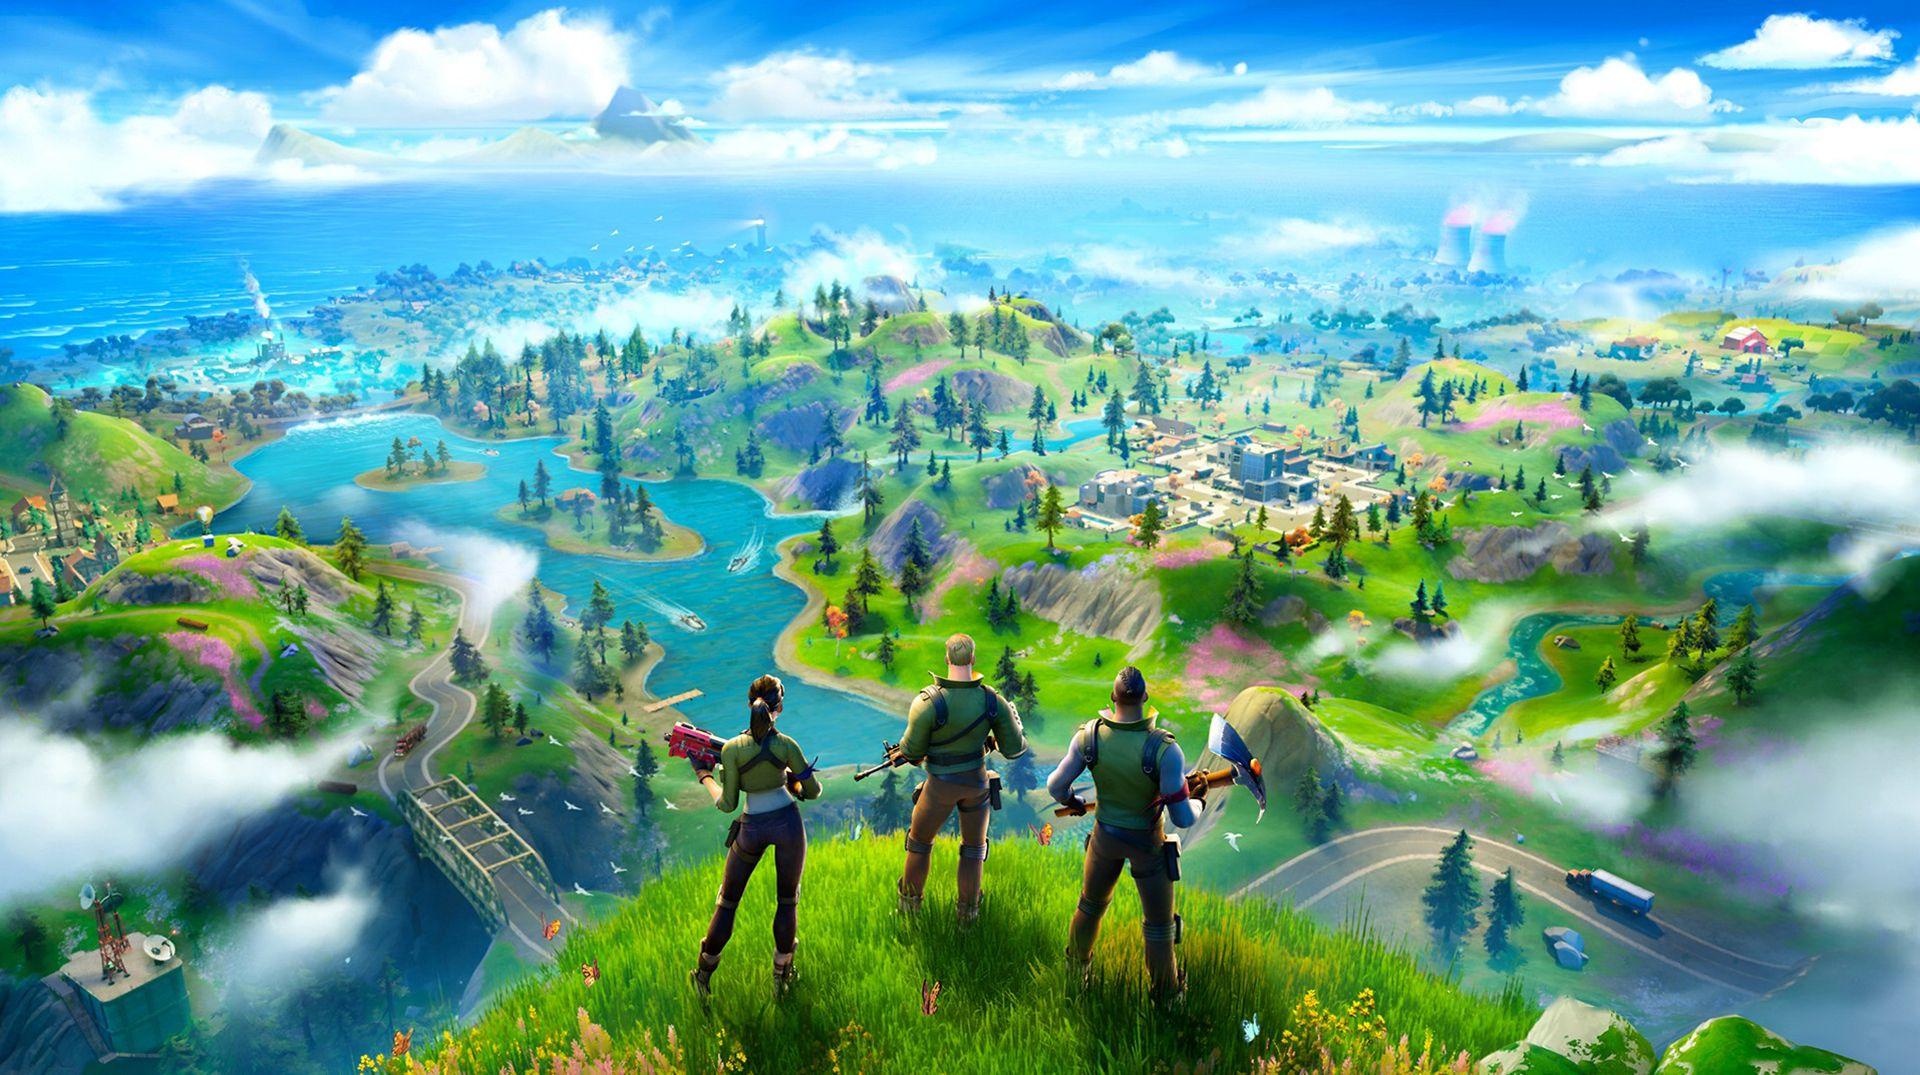 Ninja s'en est pris à Epic Games car il juge que les mauvais joueurs sont favorisés sur Fortnite